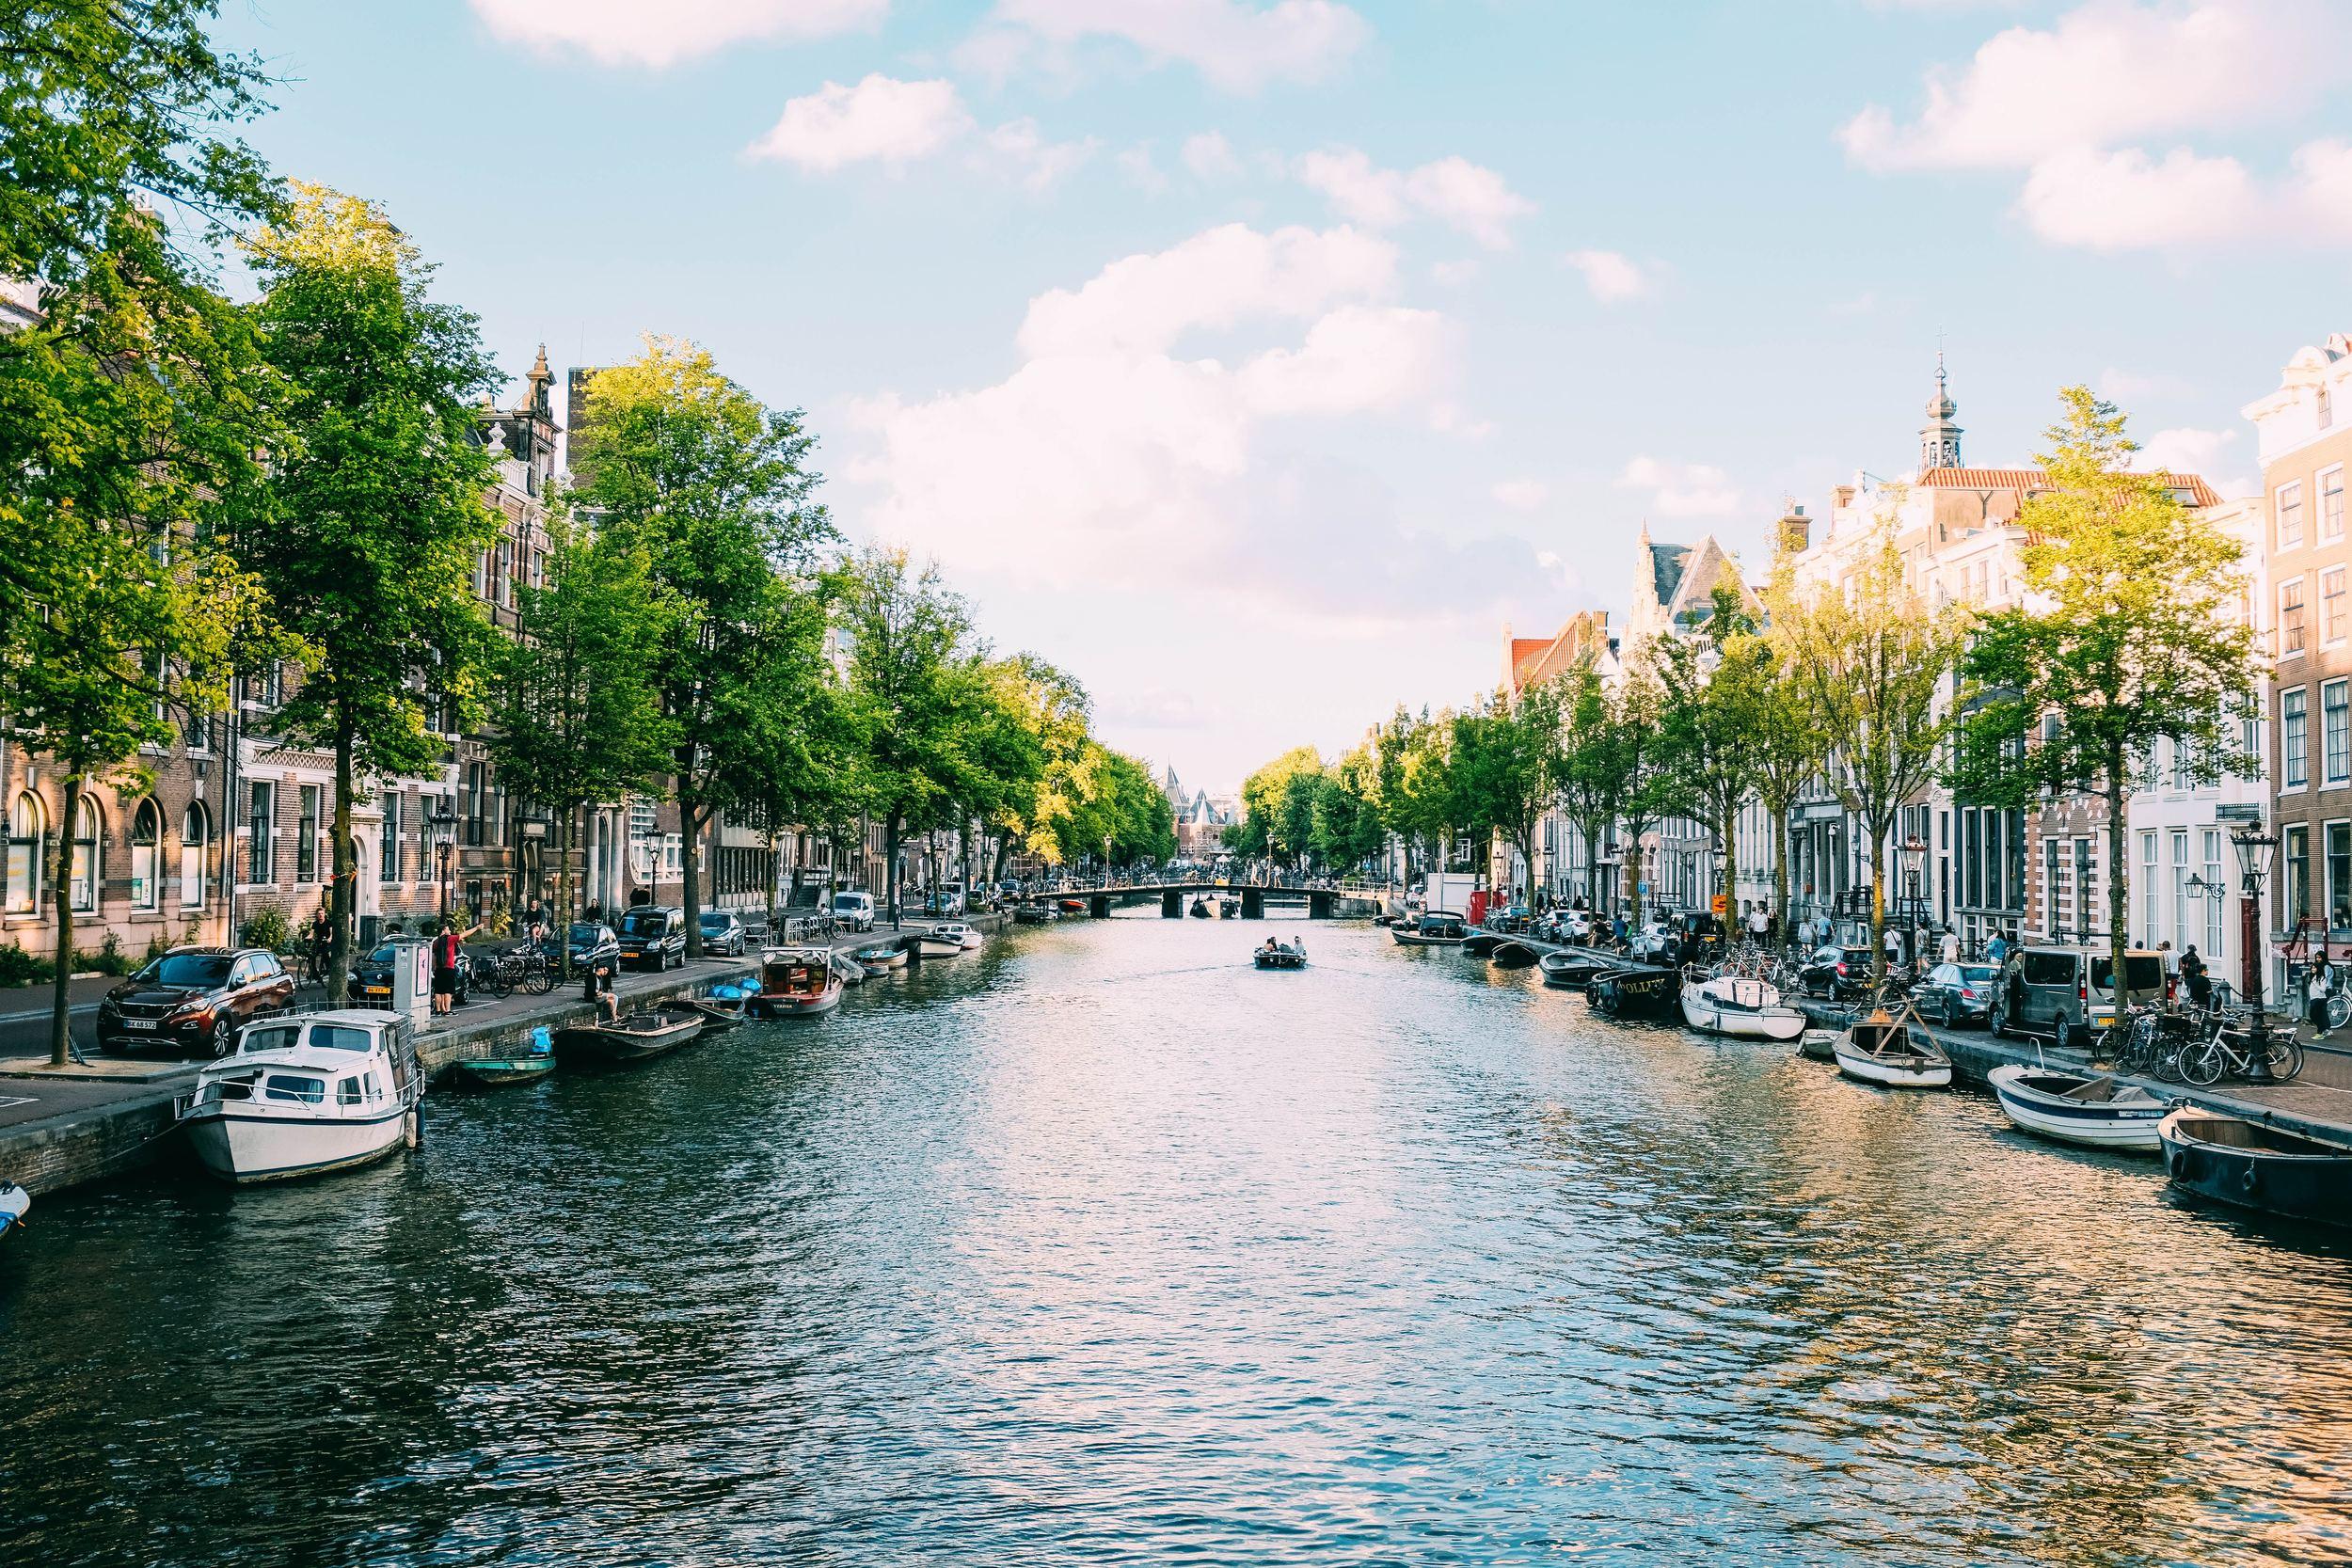 How to Apply For A Netherlands Schengen Tourist Visa